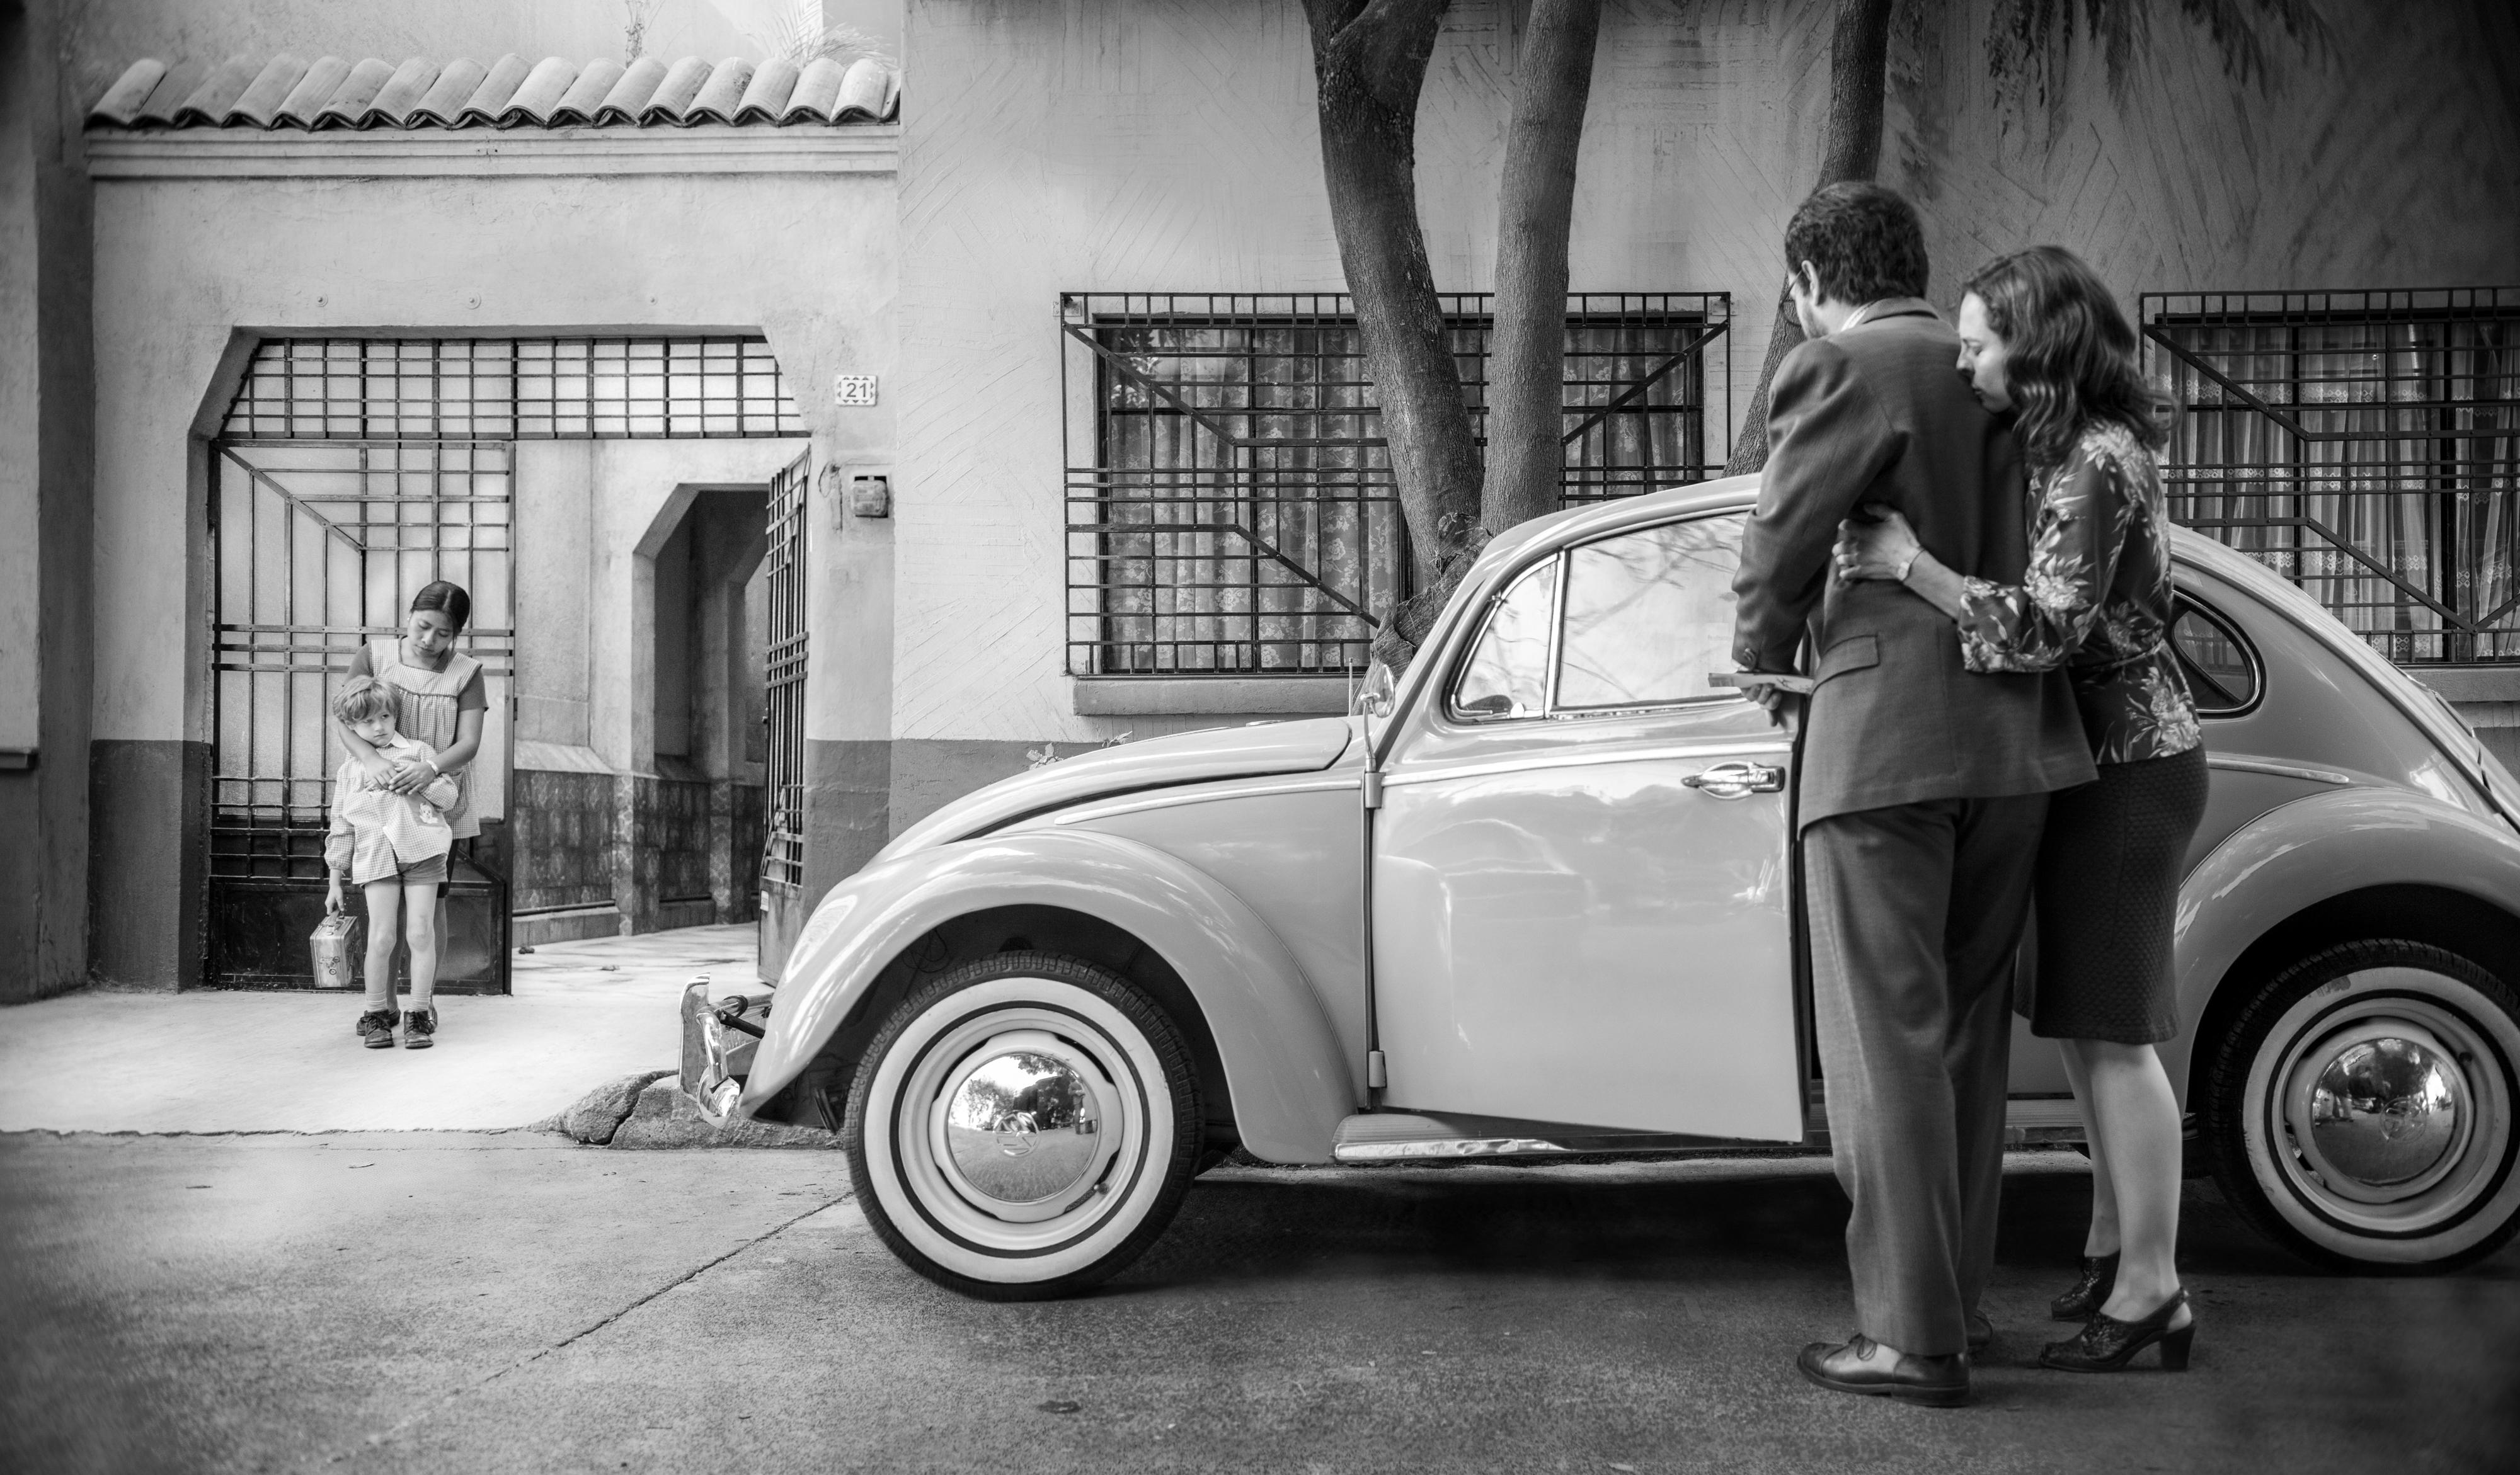 Yalitza Aparicio como Cleo, Marco Graf como Pepe, Fernando Gradiaga como el Señor Antonio, y Marina De Tavira como la Señora Sofia en Roma, escrita y dirigida por Alfonso Cuarón.